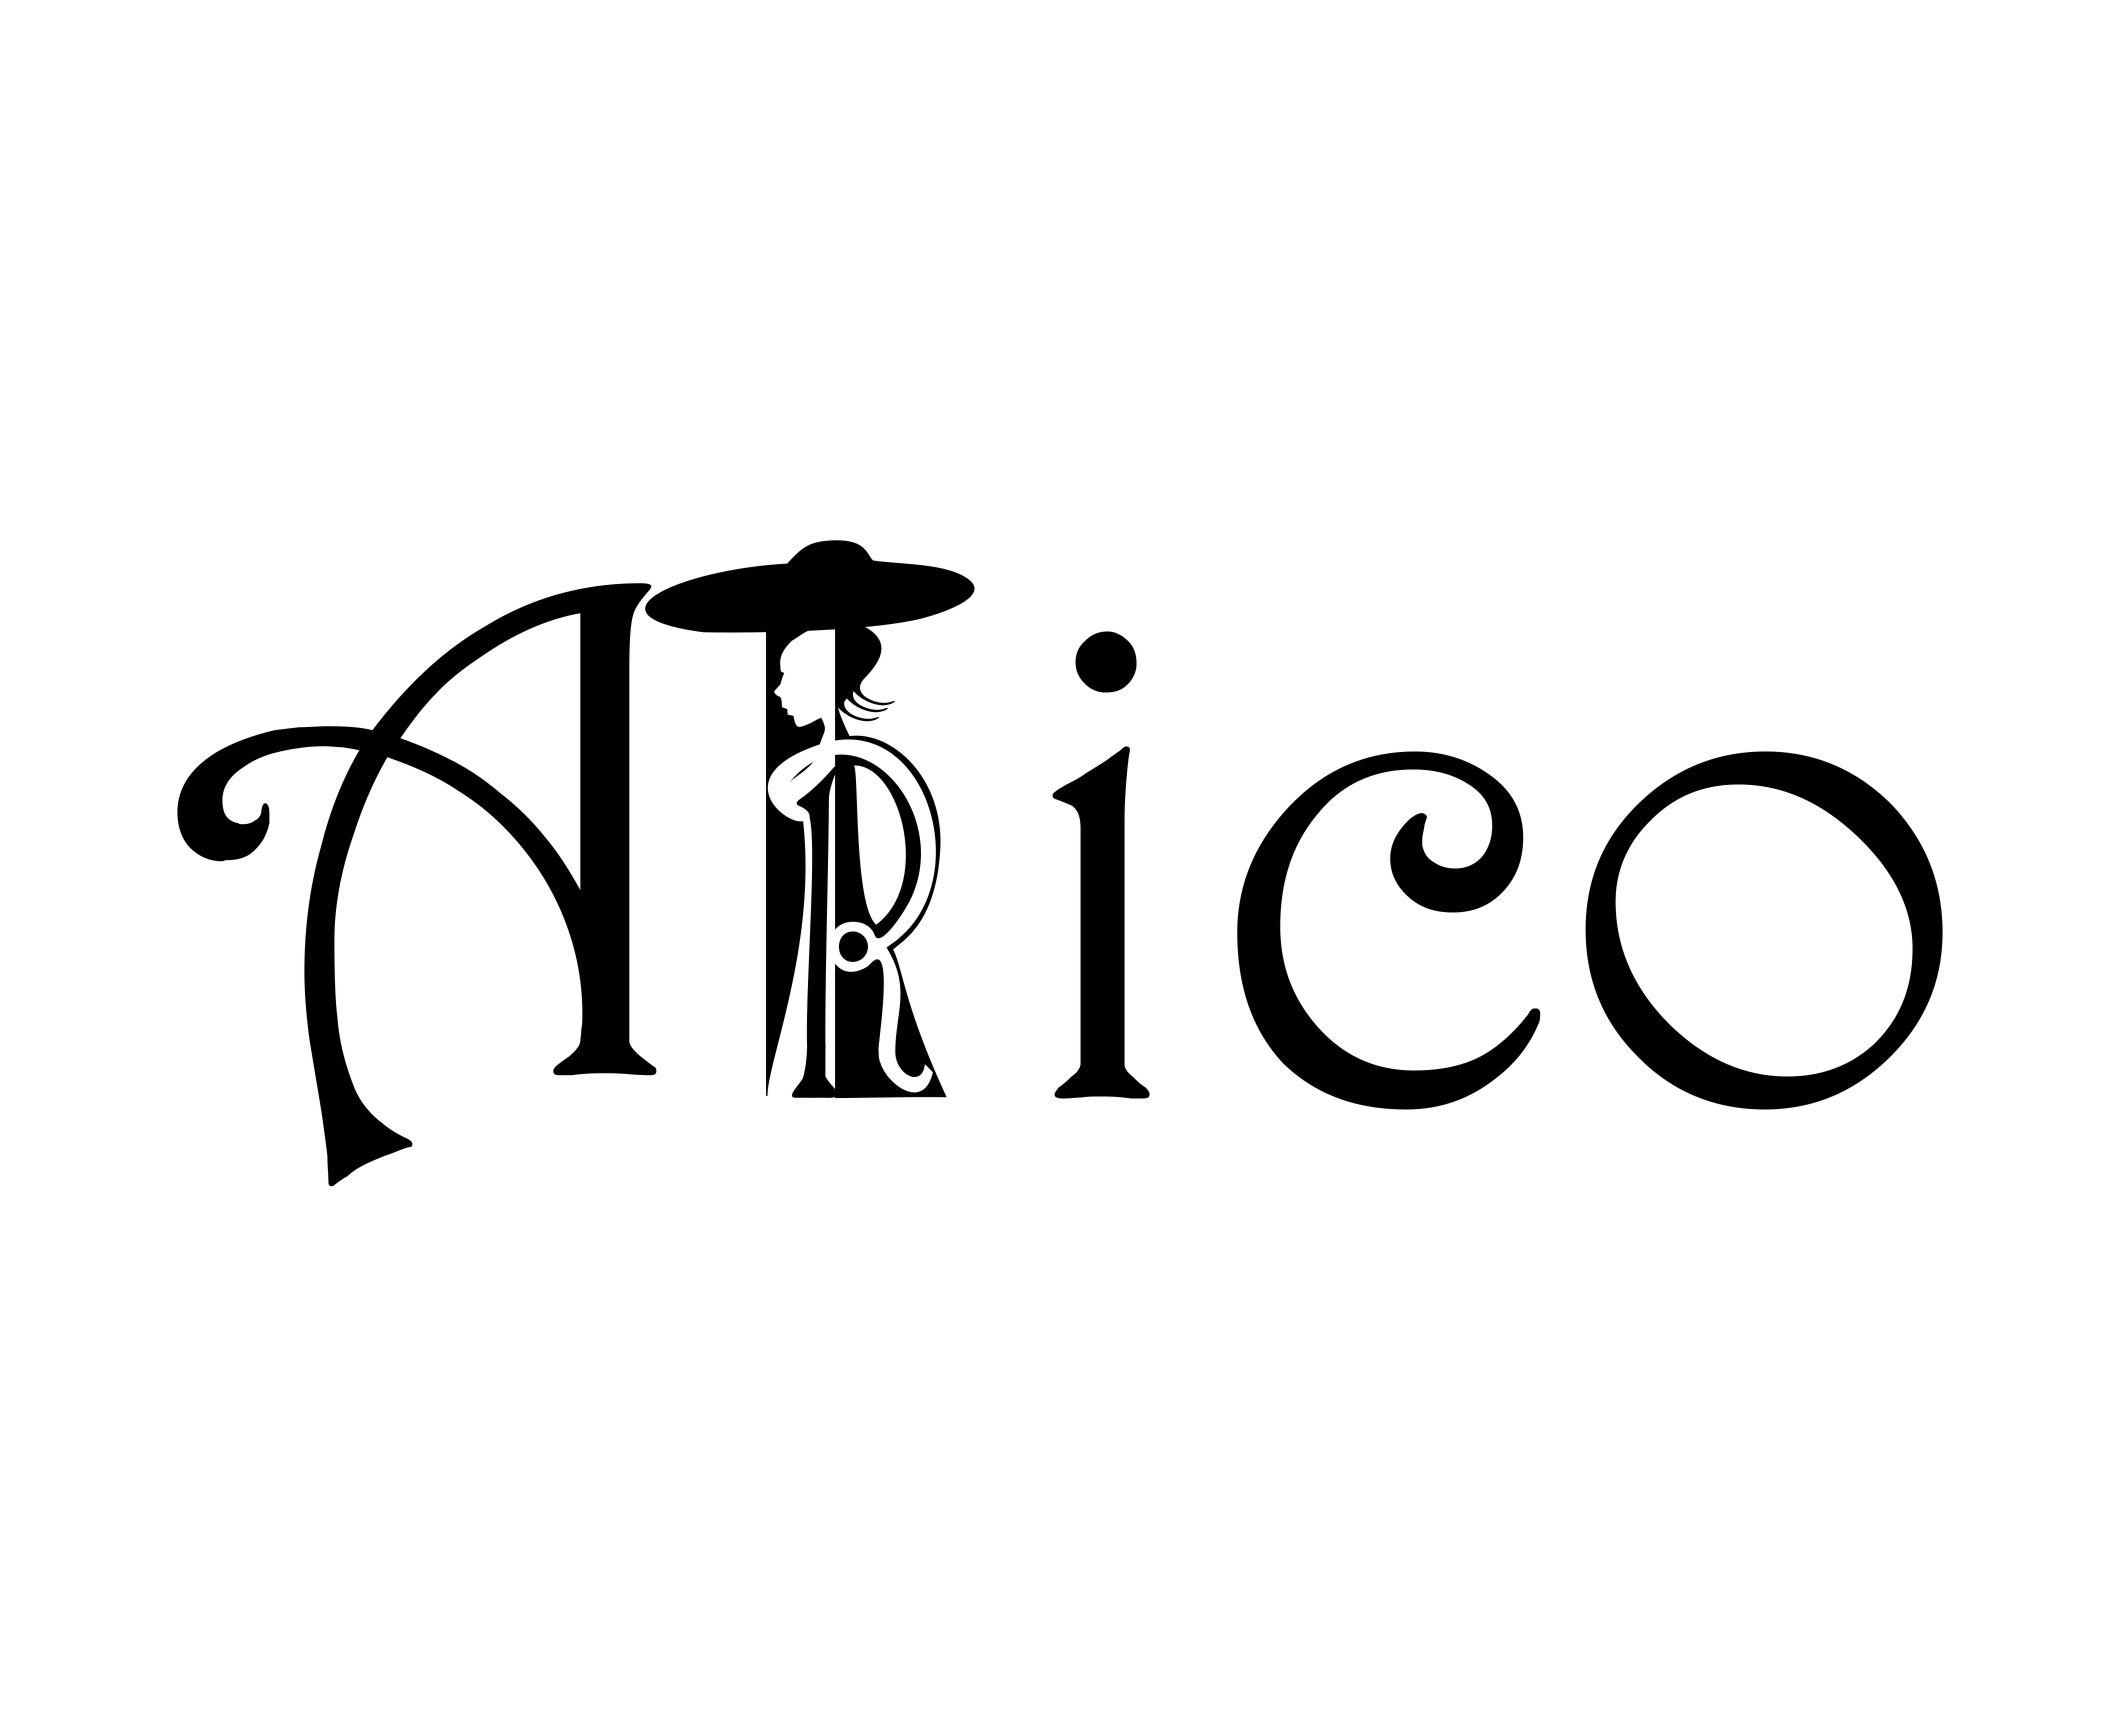 Логотип для брендовой пряжи и трикотажной одежды фото f_859600197f717324.jpg